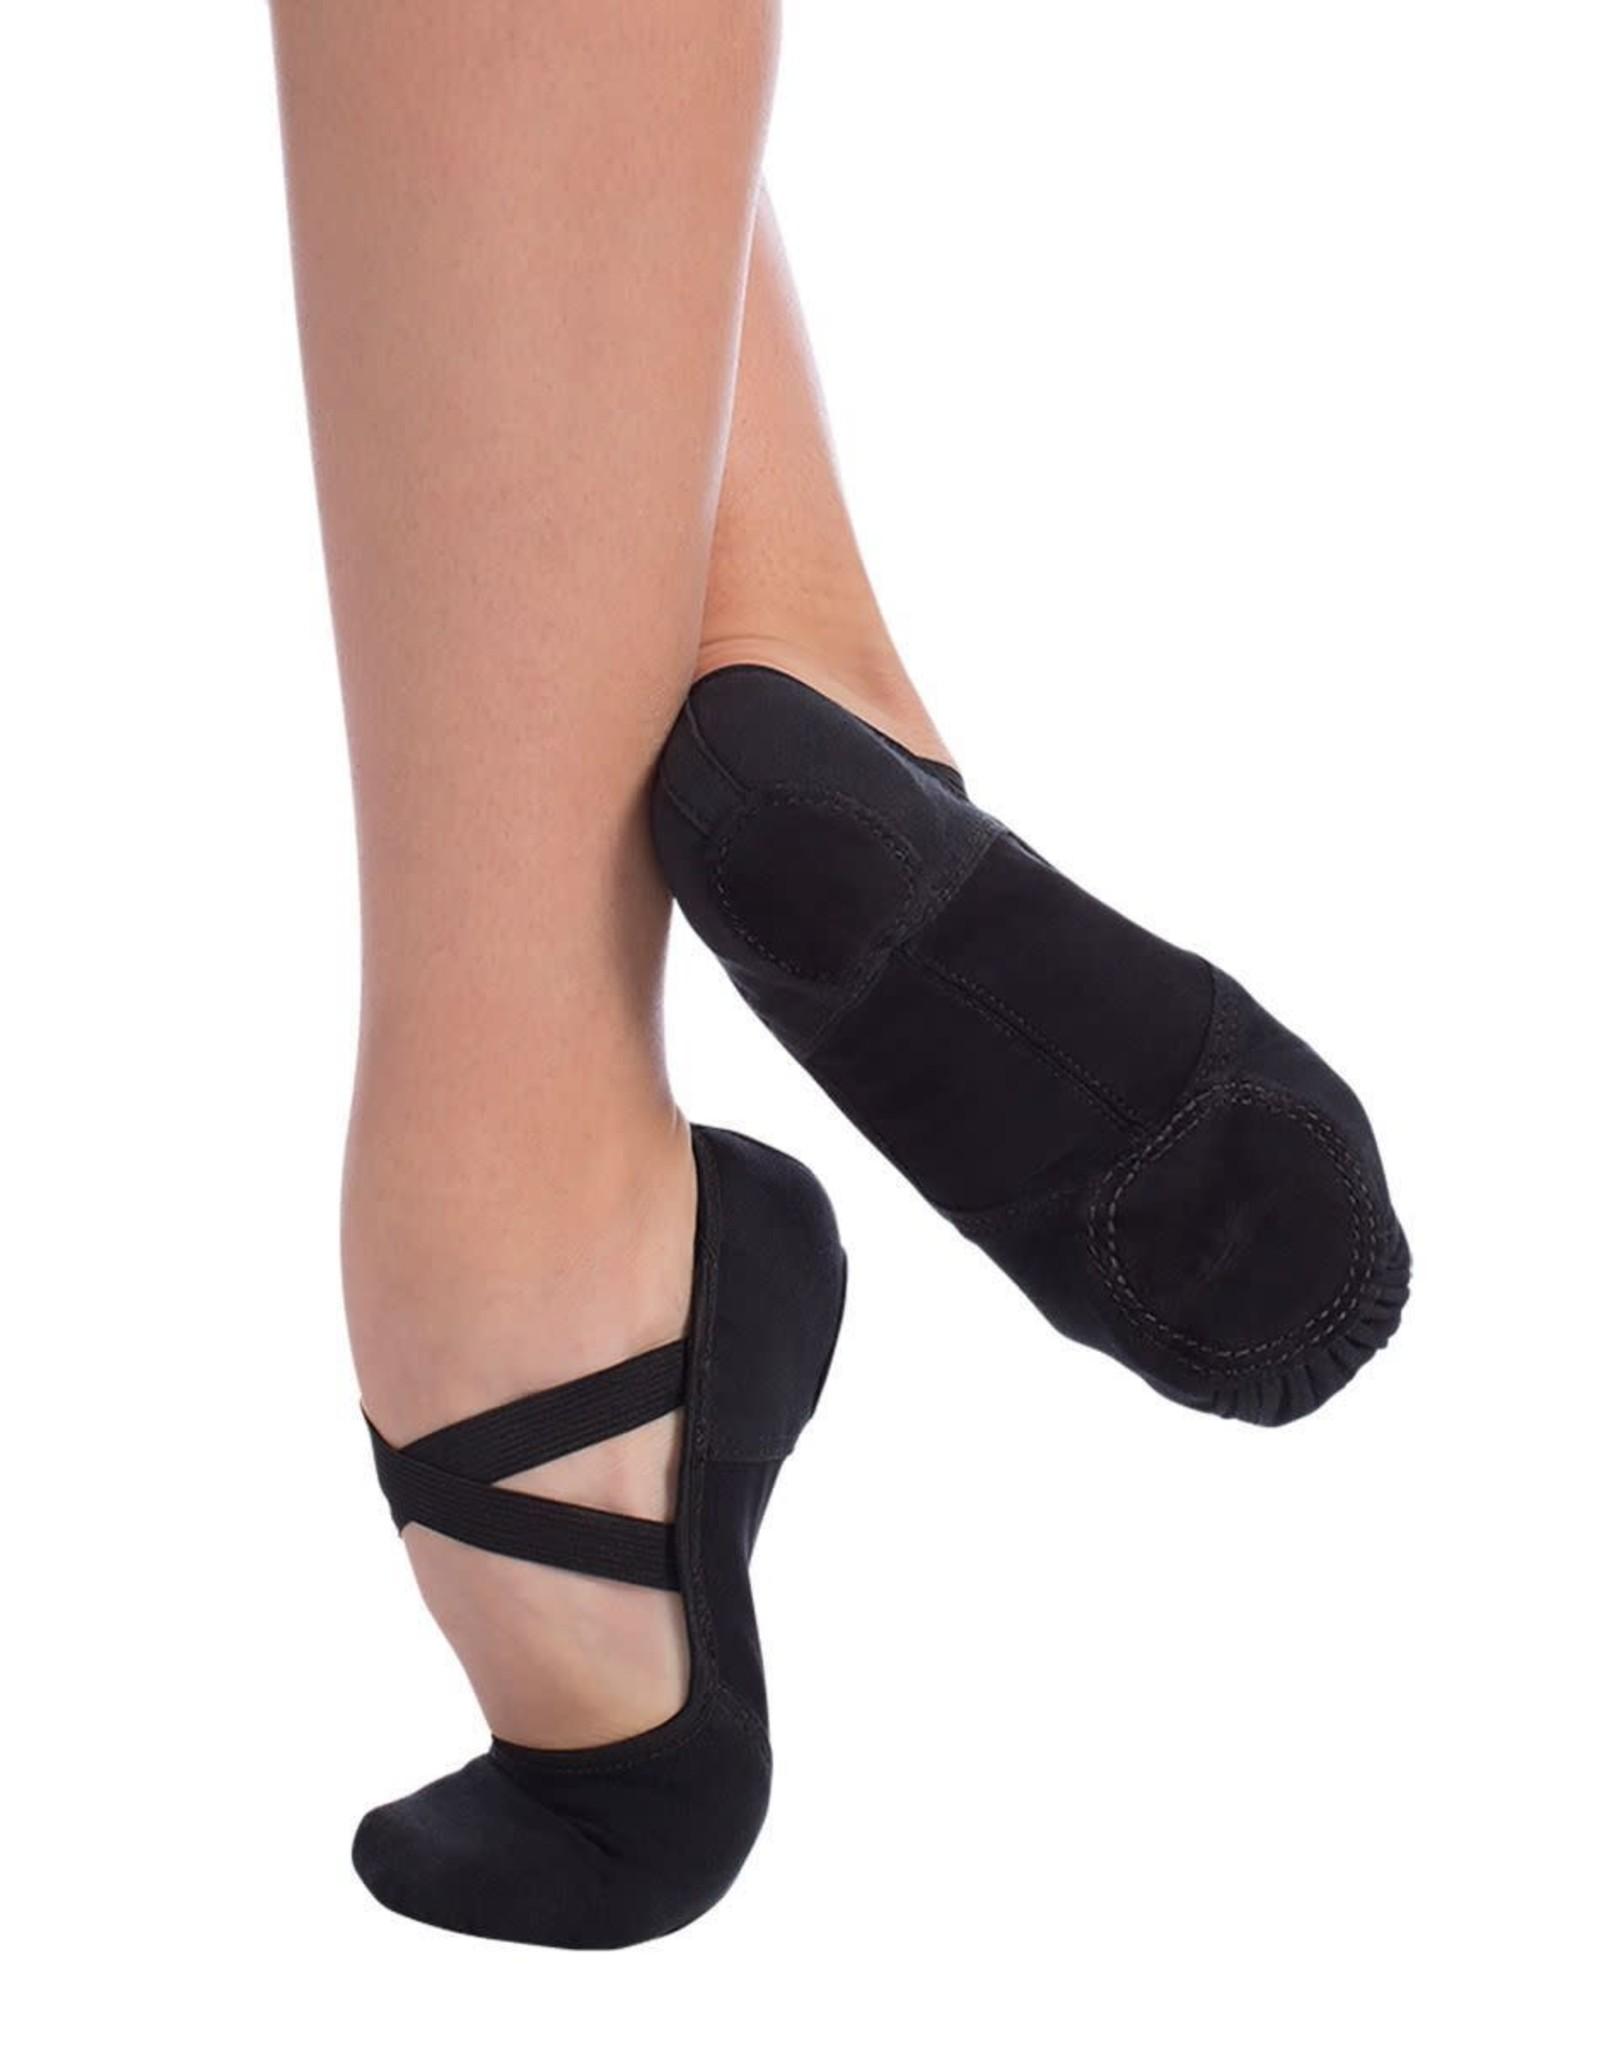 SoDanca Men's Ballet Shoes